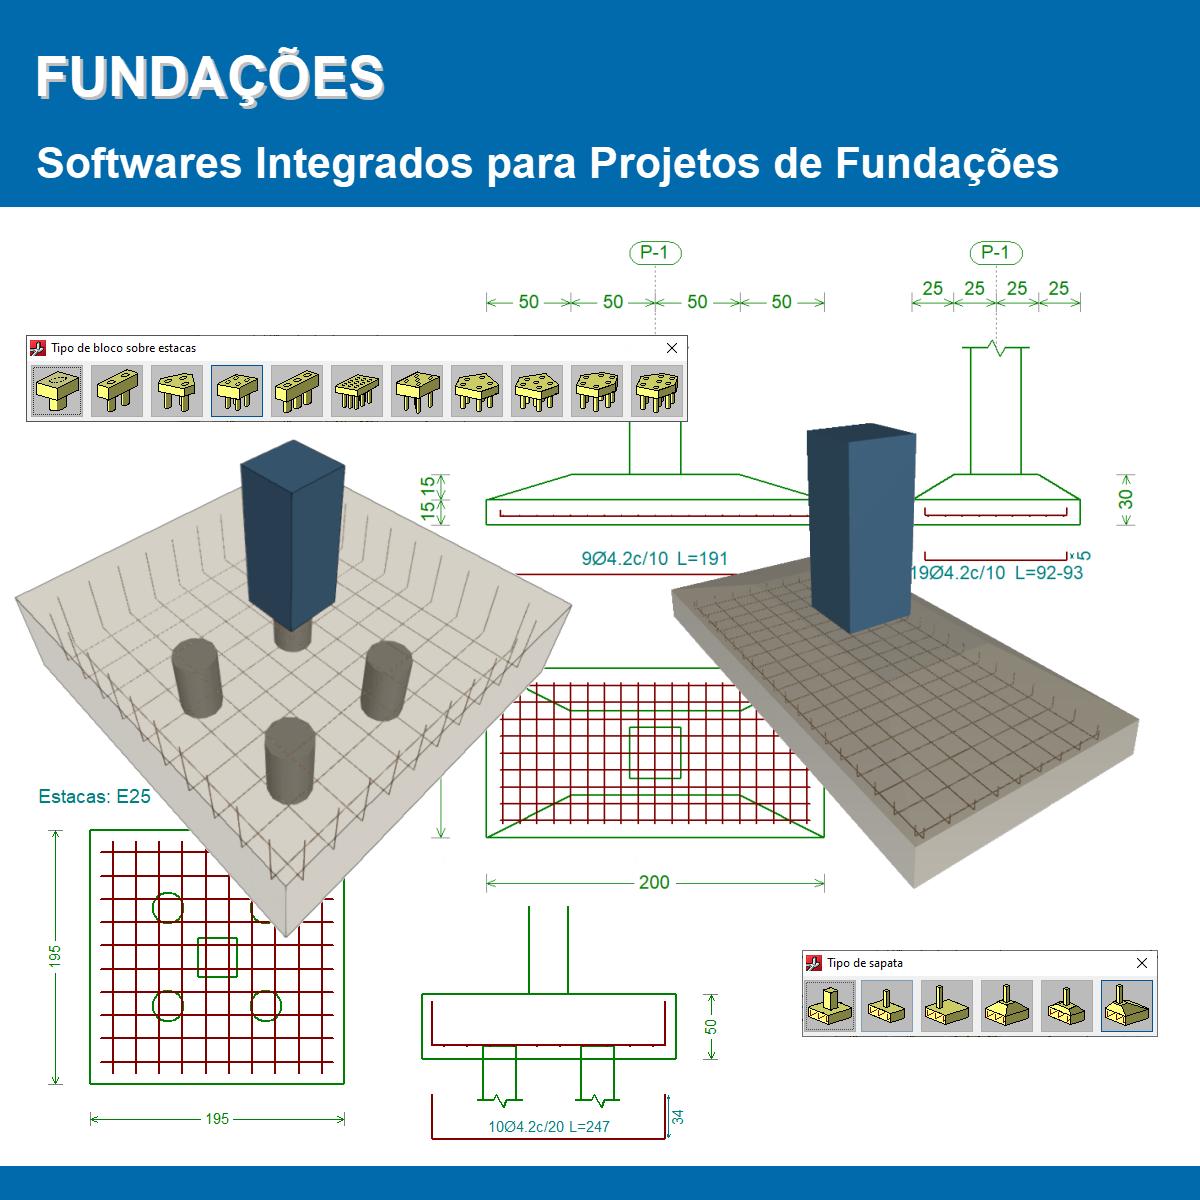 Software Fundações versão 2022 (Licença eletrônica) incluindo a modulação descrita em